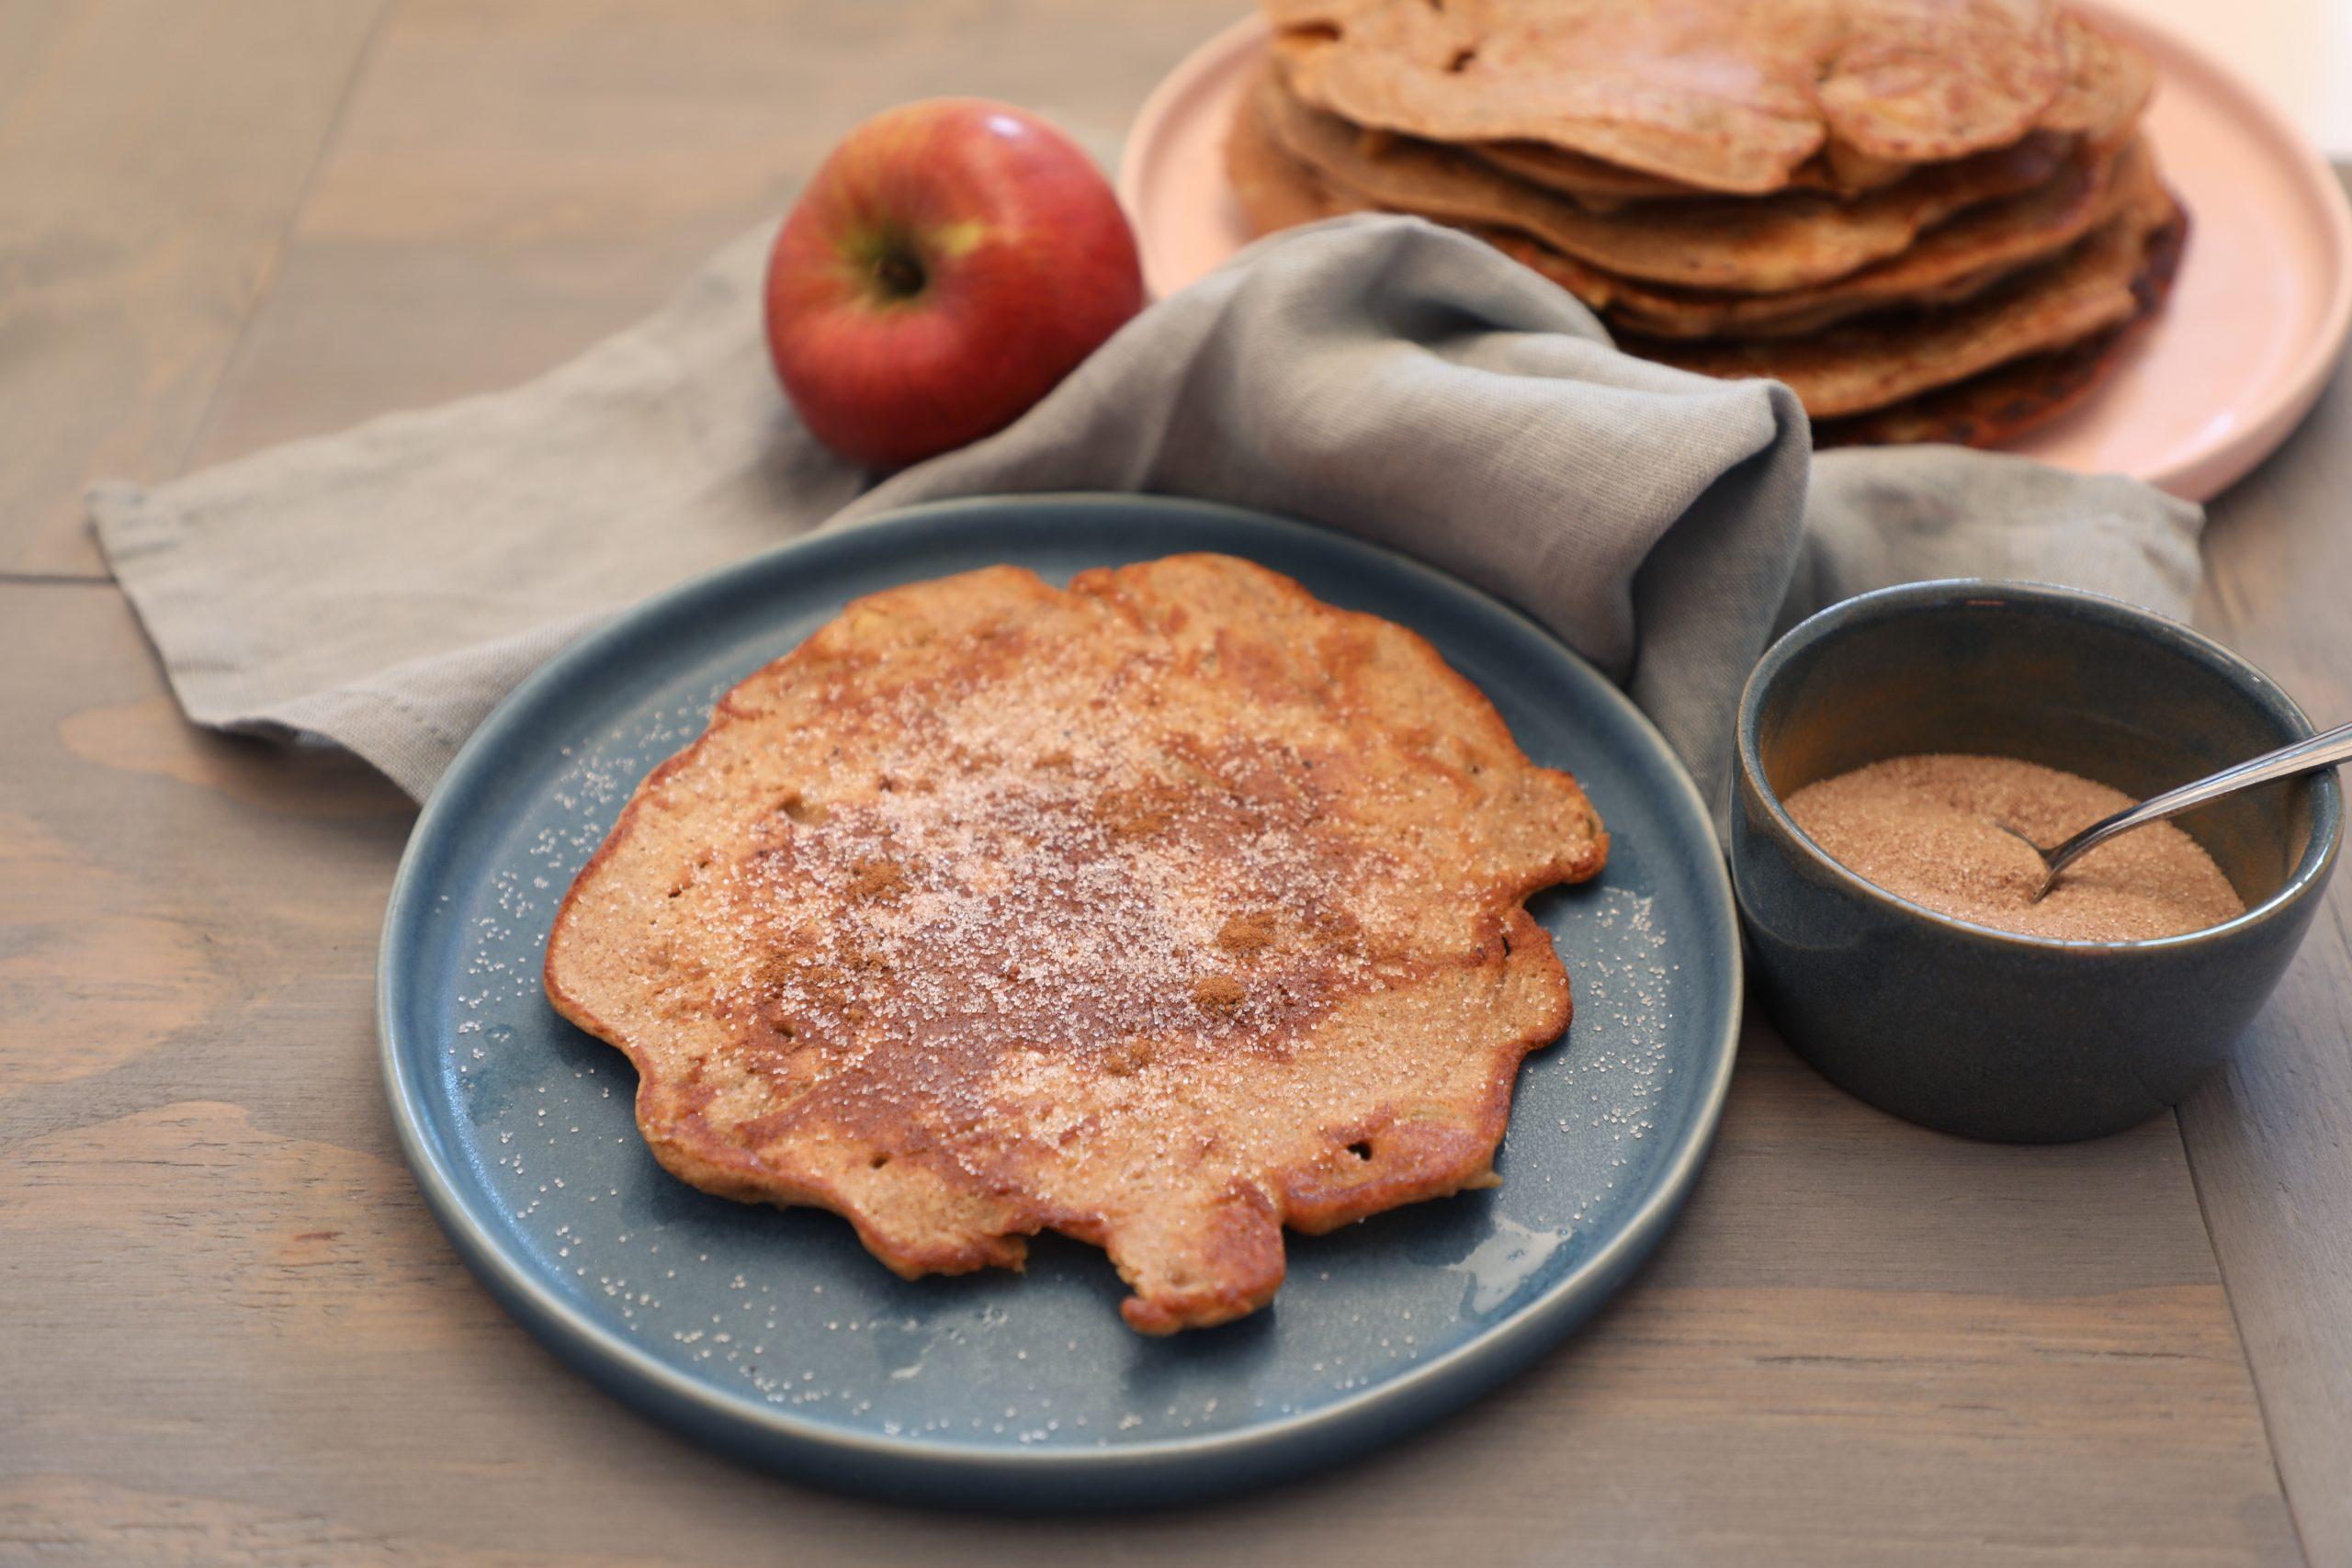 Apfelpfannkuchen auf dem Teller